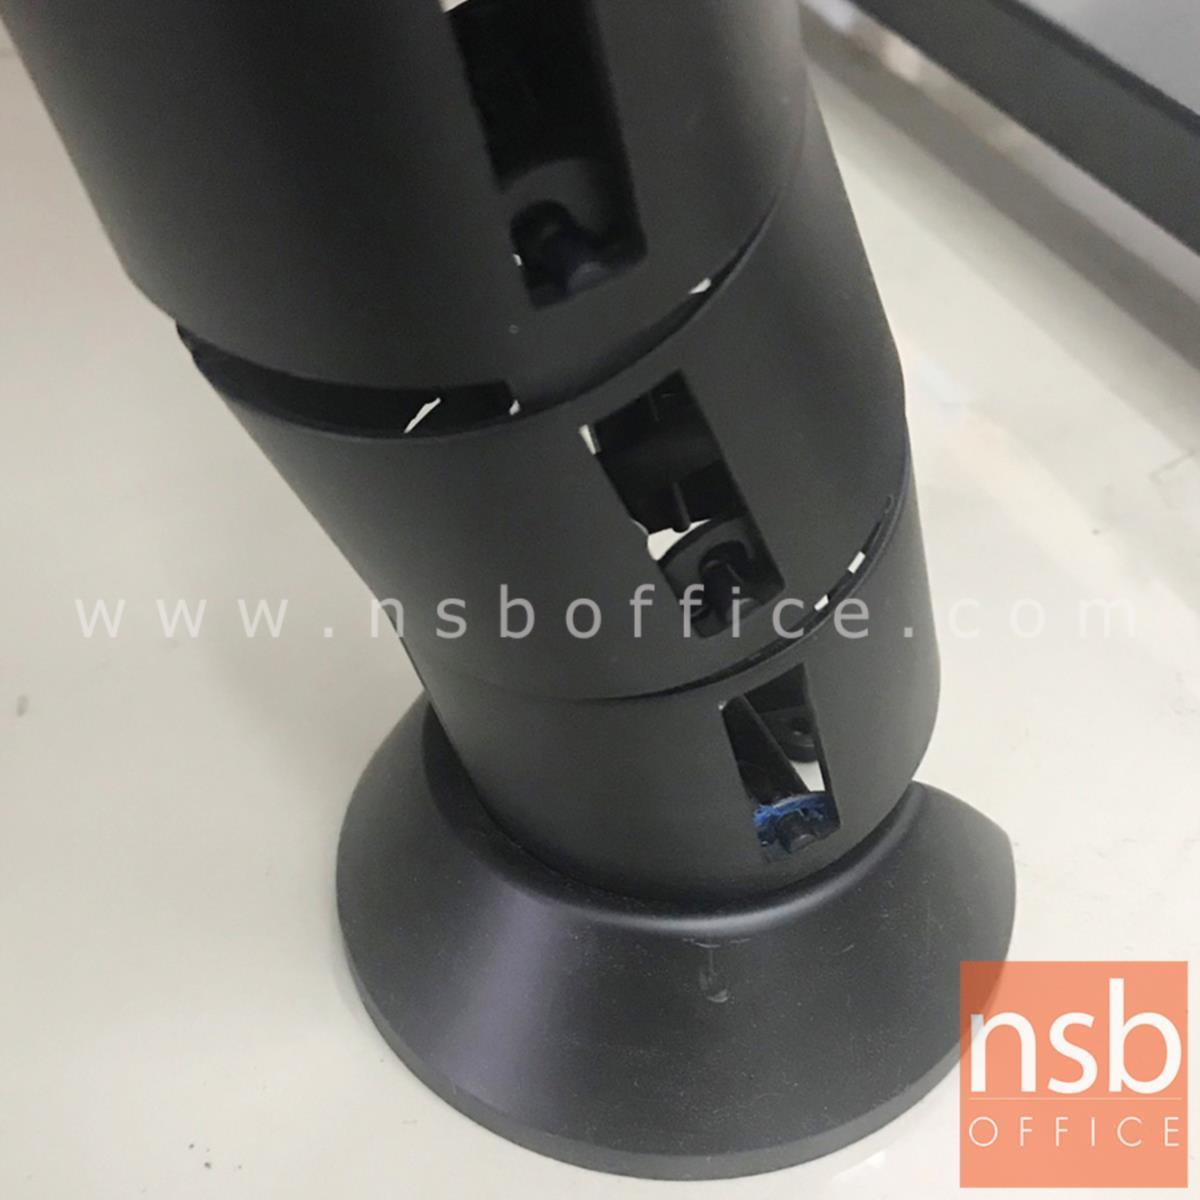 กระดูกงูร้อยสายไฟสีดำ  รุ่น TJ-1919 ขนาด 73H cm.